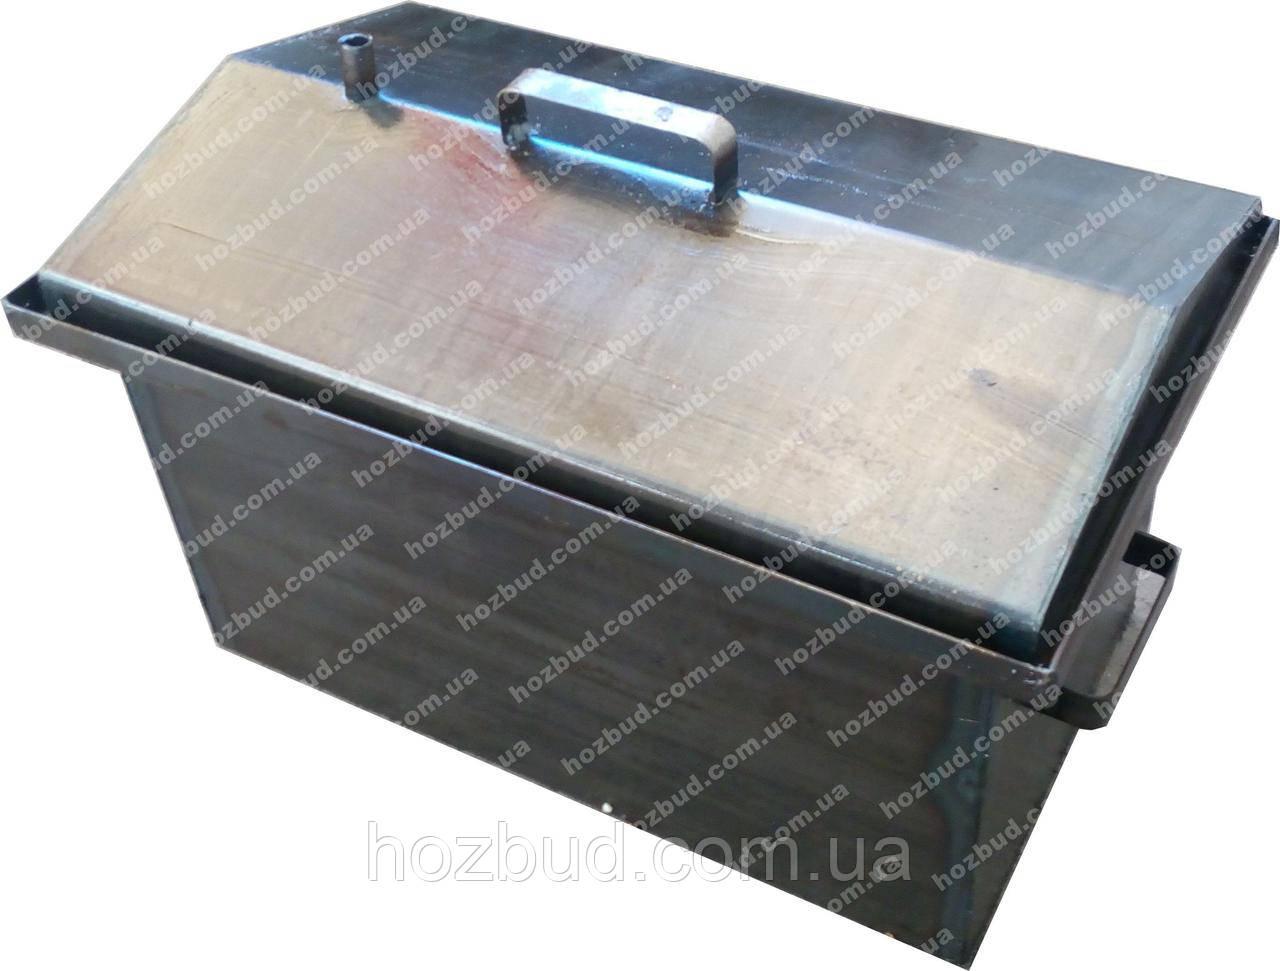 Коптильня с гидрозатвором (520х310х280, 2мм)